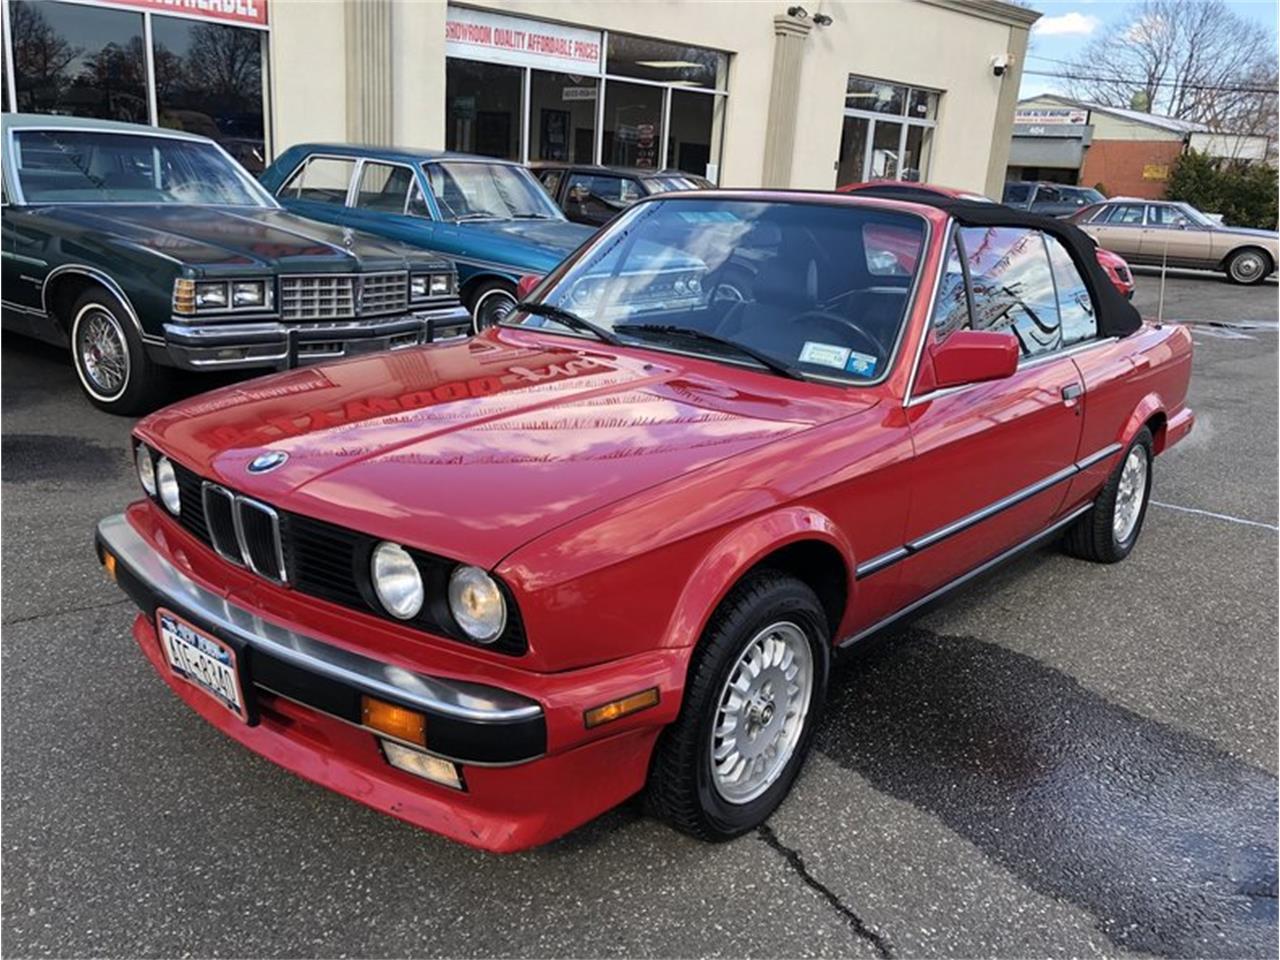 Bmw 325i For Sale >> 1989 Bmw 325i For Sale Classiccars Com Cc 1077673